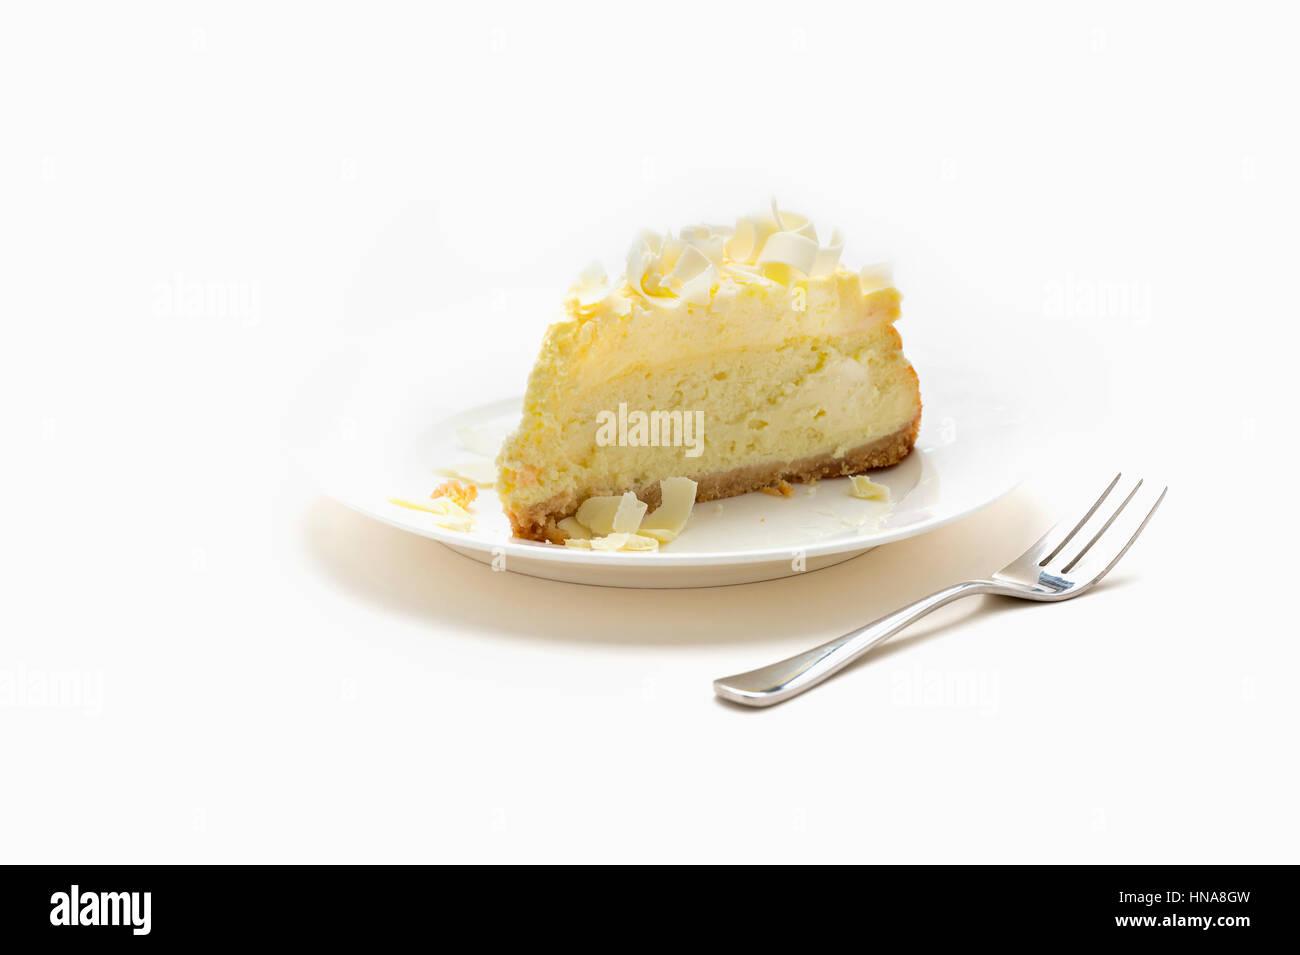 White chocolate cheese cake slice - Stock Image